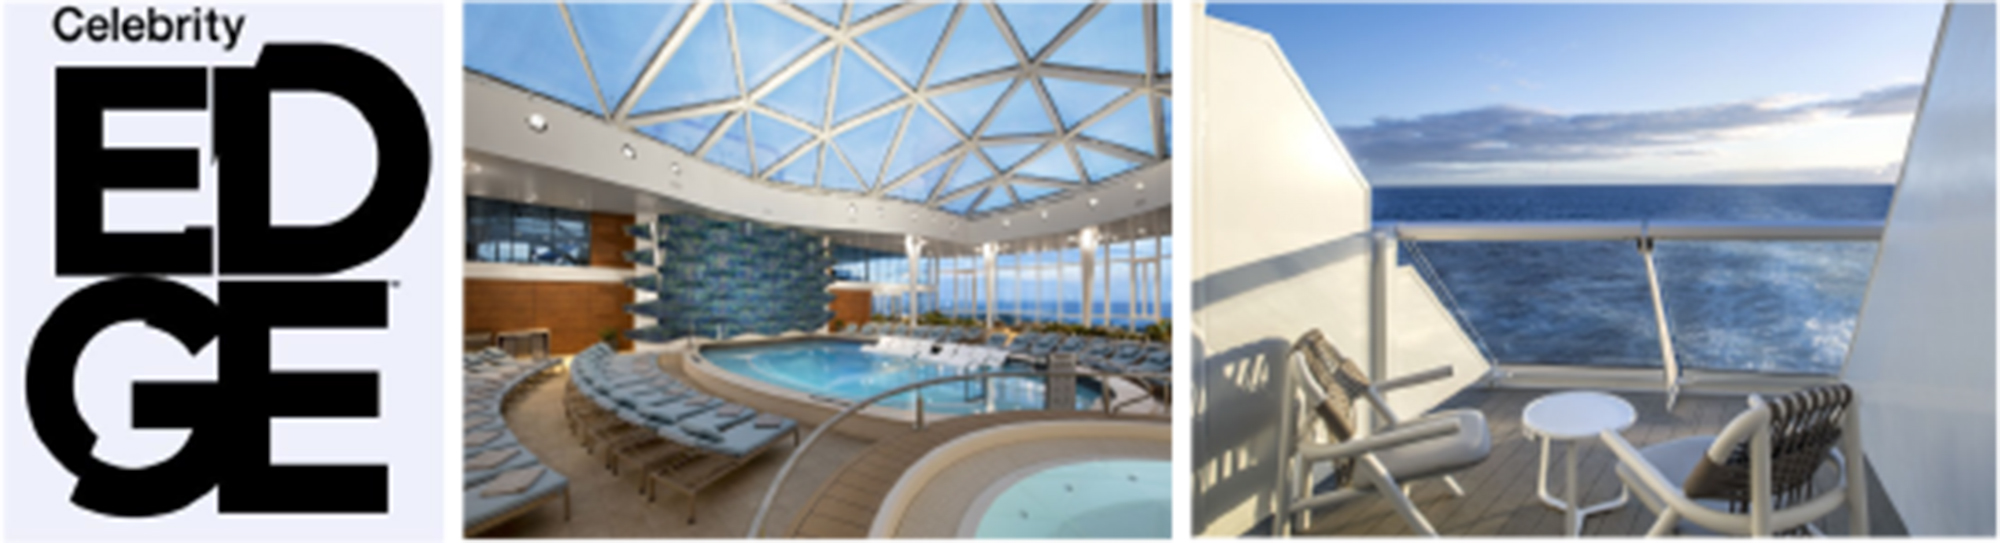 Margarets-Cruise-amenities.jpg